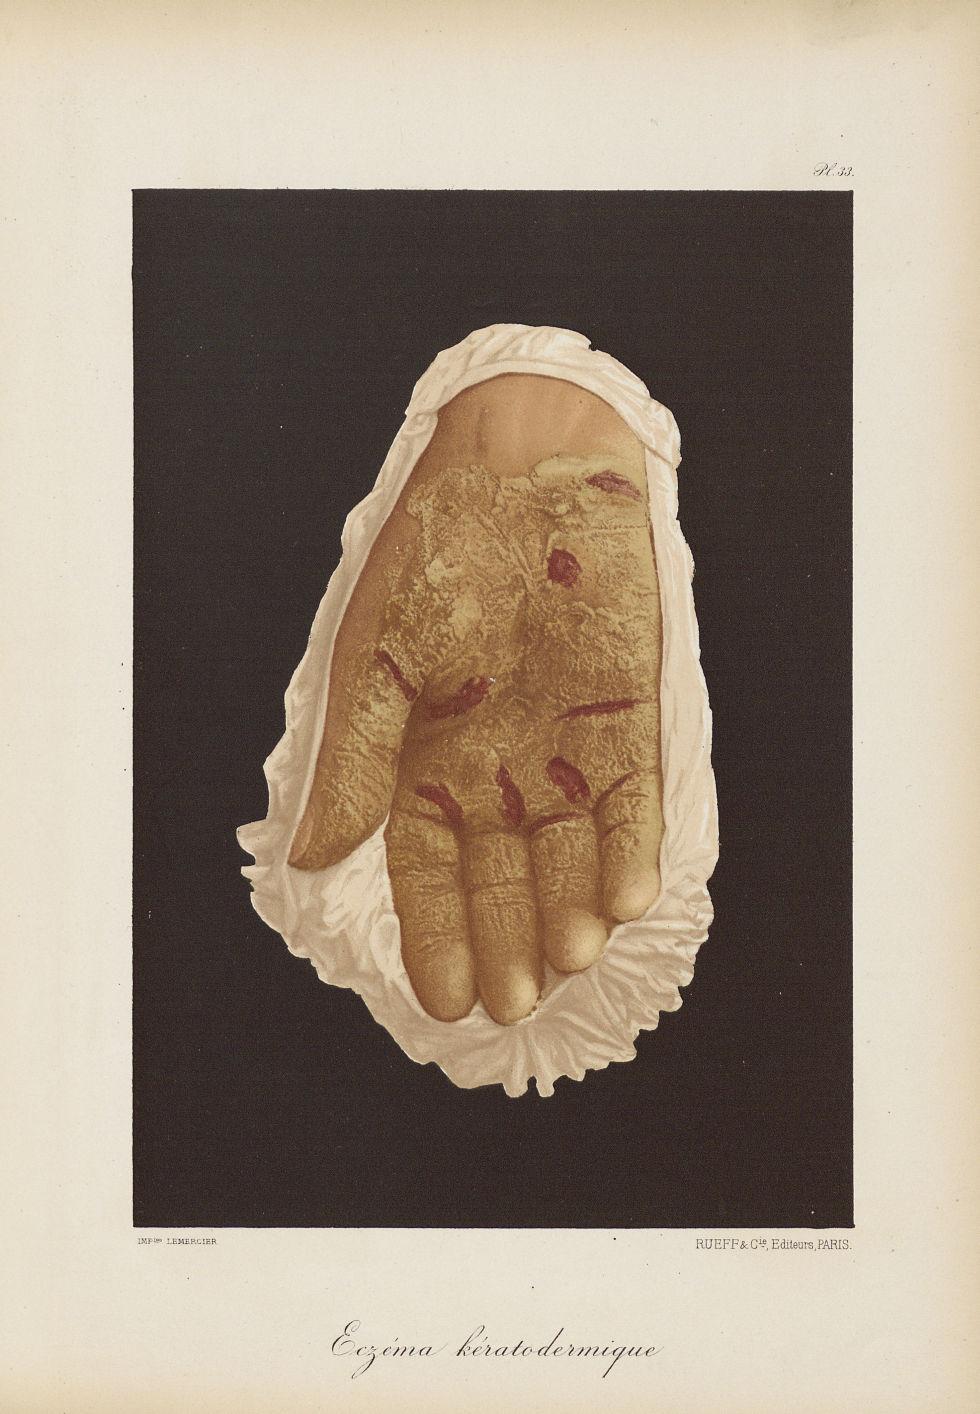 Eczéma kératodermique - Le musée de l'hôpital Saint-Louis : iconographie des maladies cutanées et sy [...] - Dermatologie (peau). Mains. 19e siècle (France) - med01740x0257